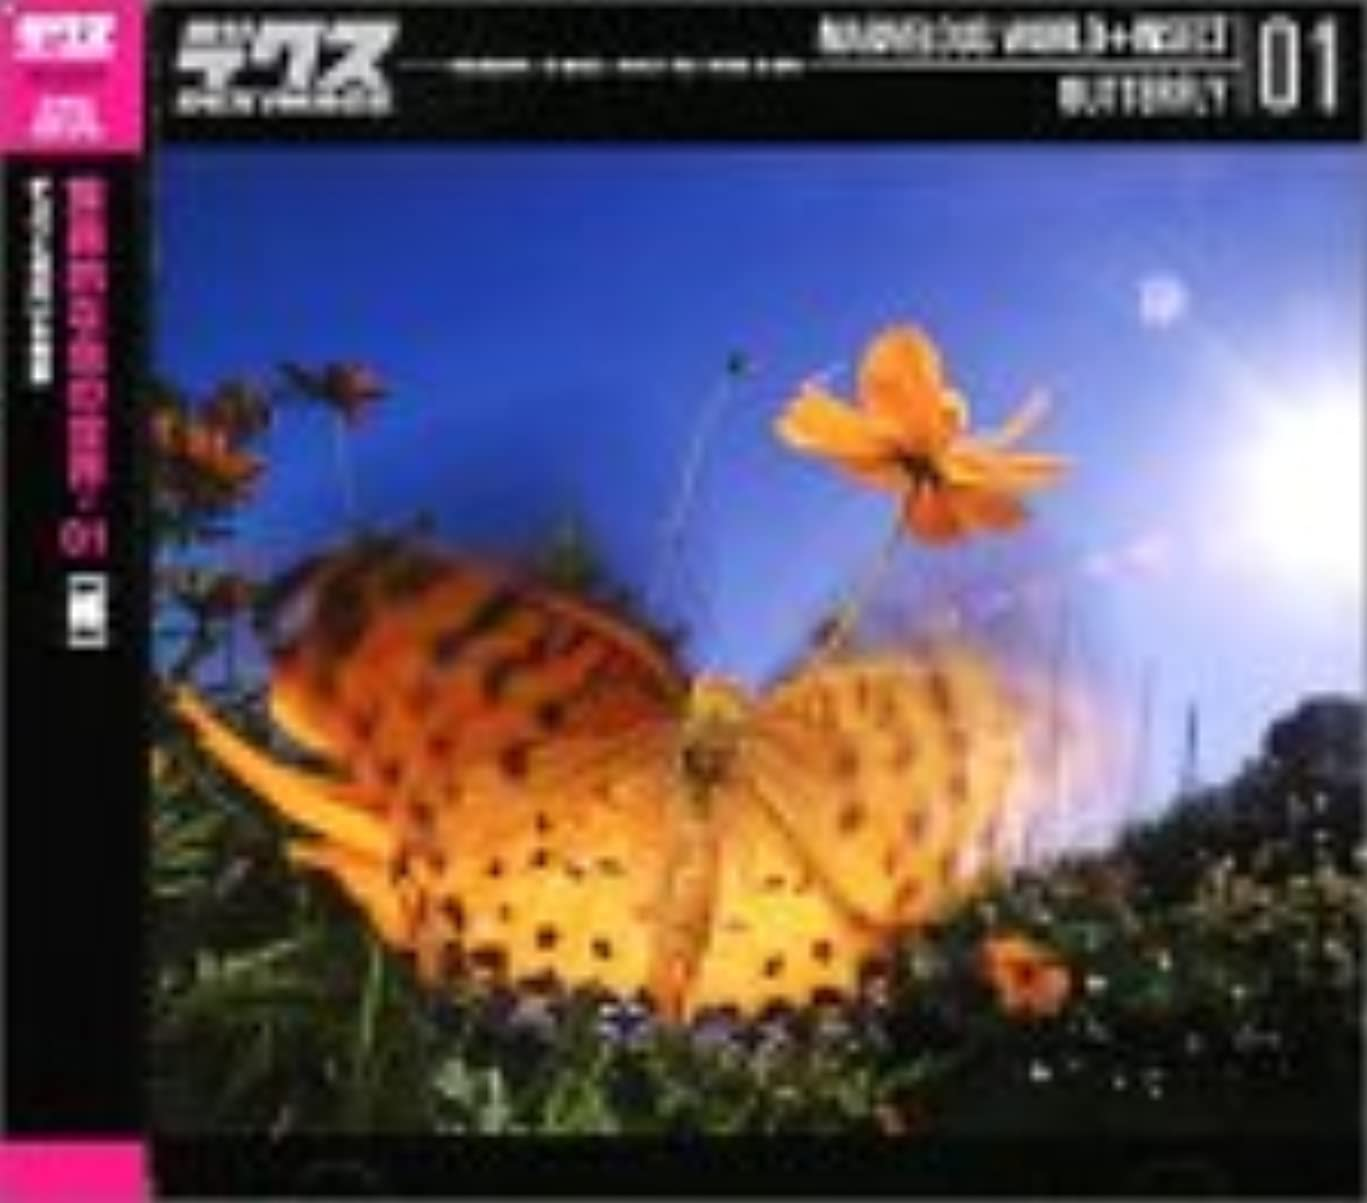 ペースクリップ間驚異的な虫の世界 01 蝶